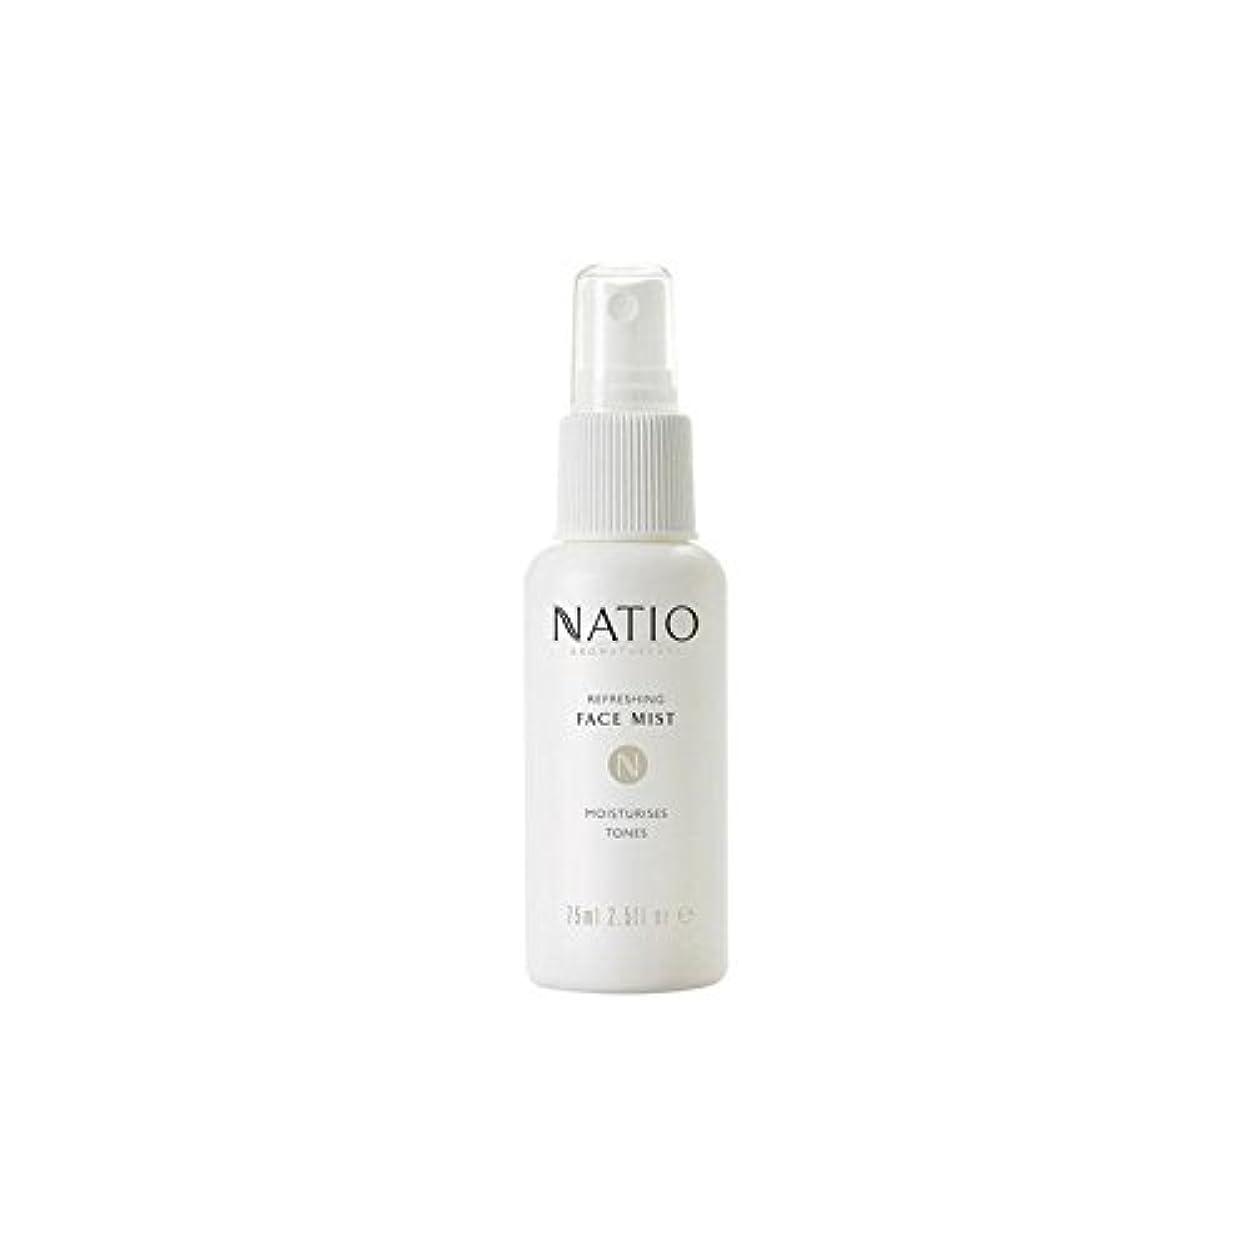 紫のうまヨーグルトさわやかな顔ミスト(75ミリリットル) x4 - Natio Refreshing Face Mist (75ml) (Pack of 4) [並行輸入品]